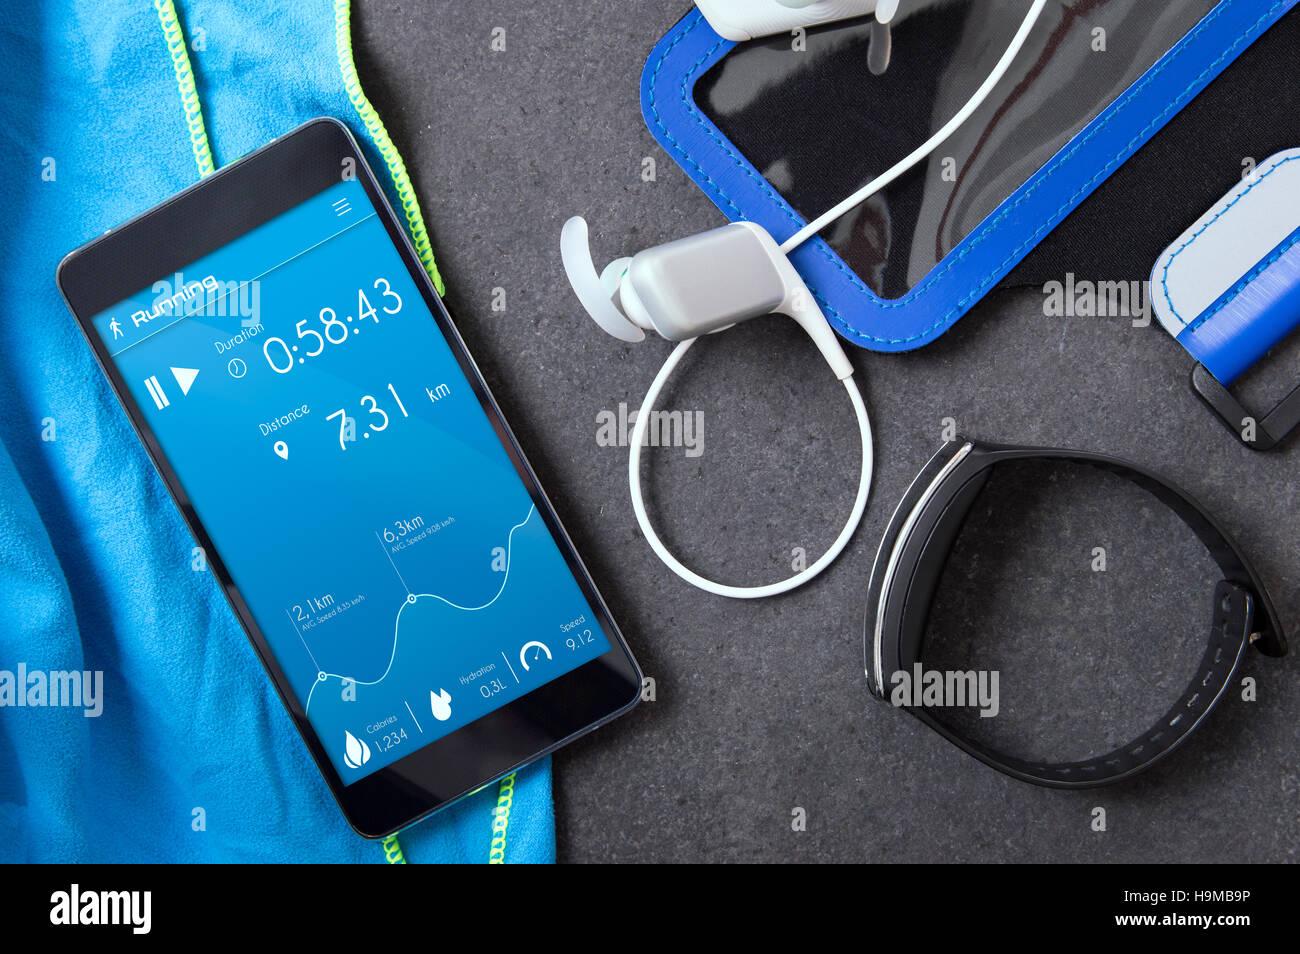 Smartphone mit einer unbekannten Anwendung für Läufer auf der Steinplatte. Anwendung wurde mit Grafikprogramm erstellt. Stockfoto